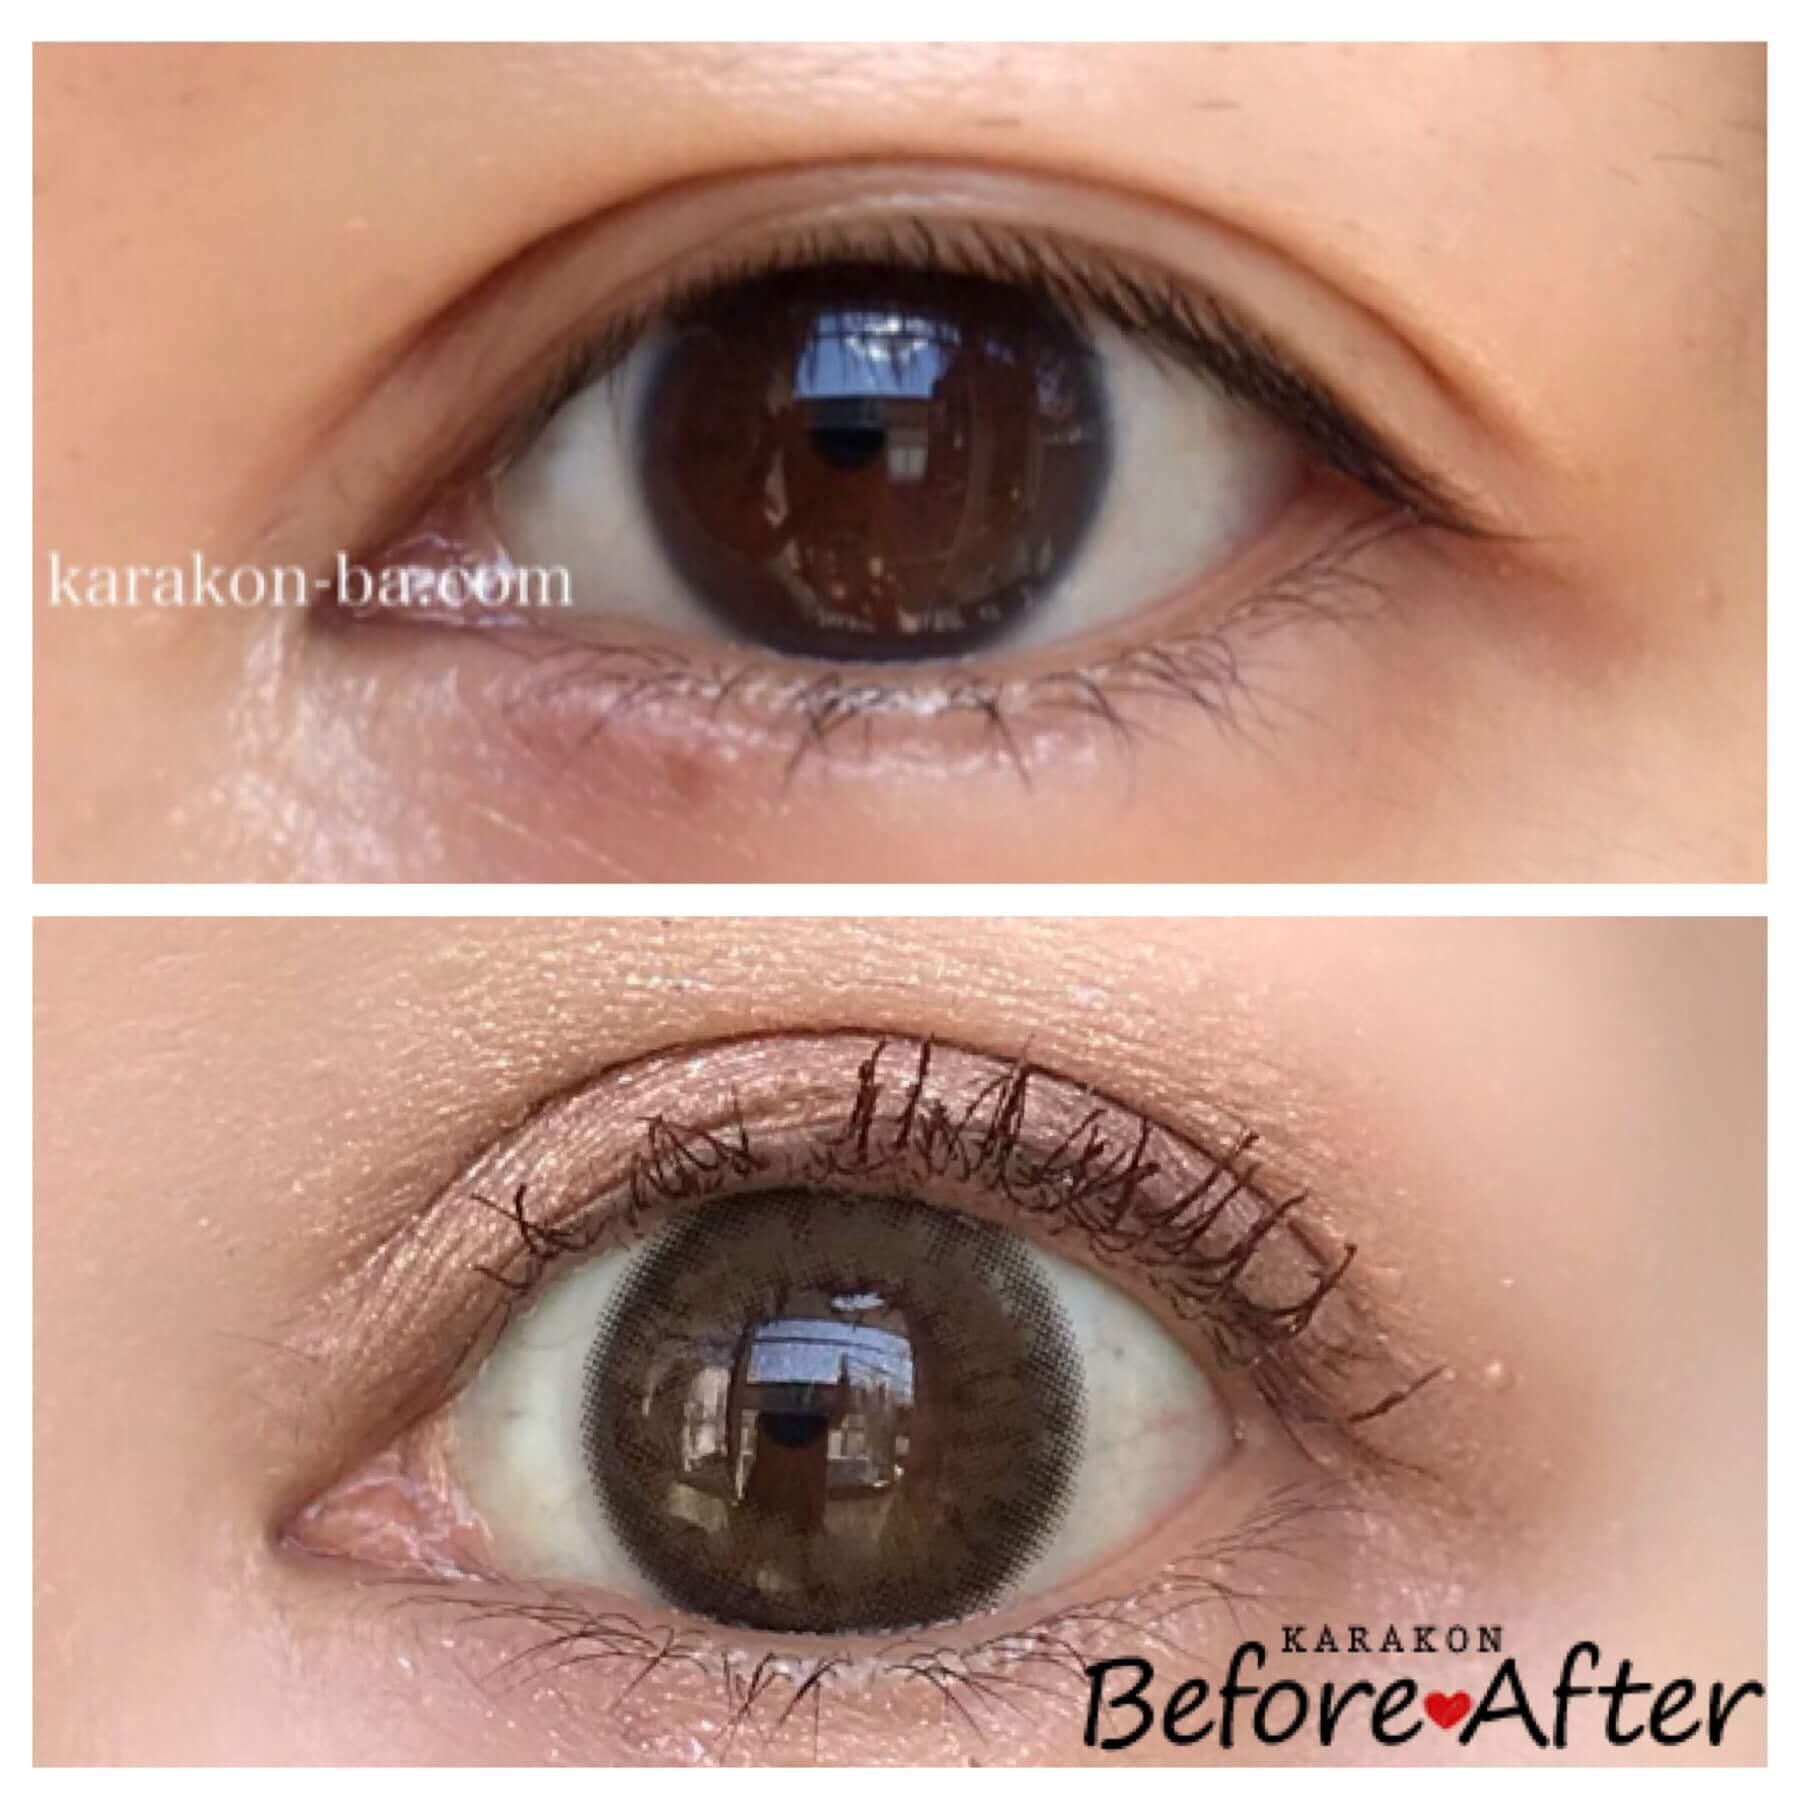 Diya 1day(ダイヤワンデー)ディープブラウンのカラコン装着画像/裸眼と比較レポ